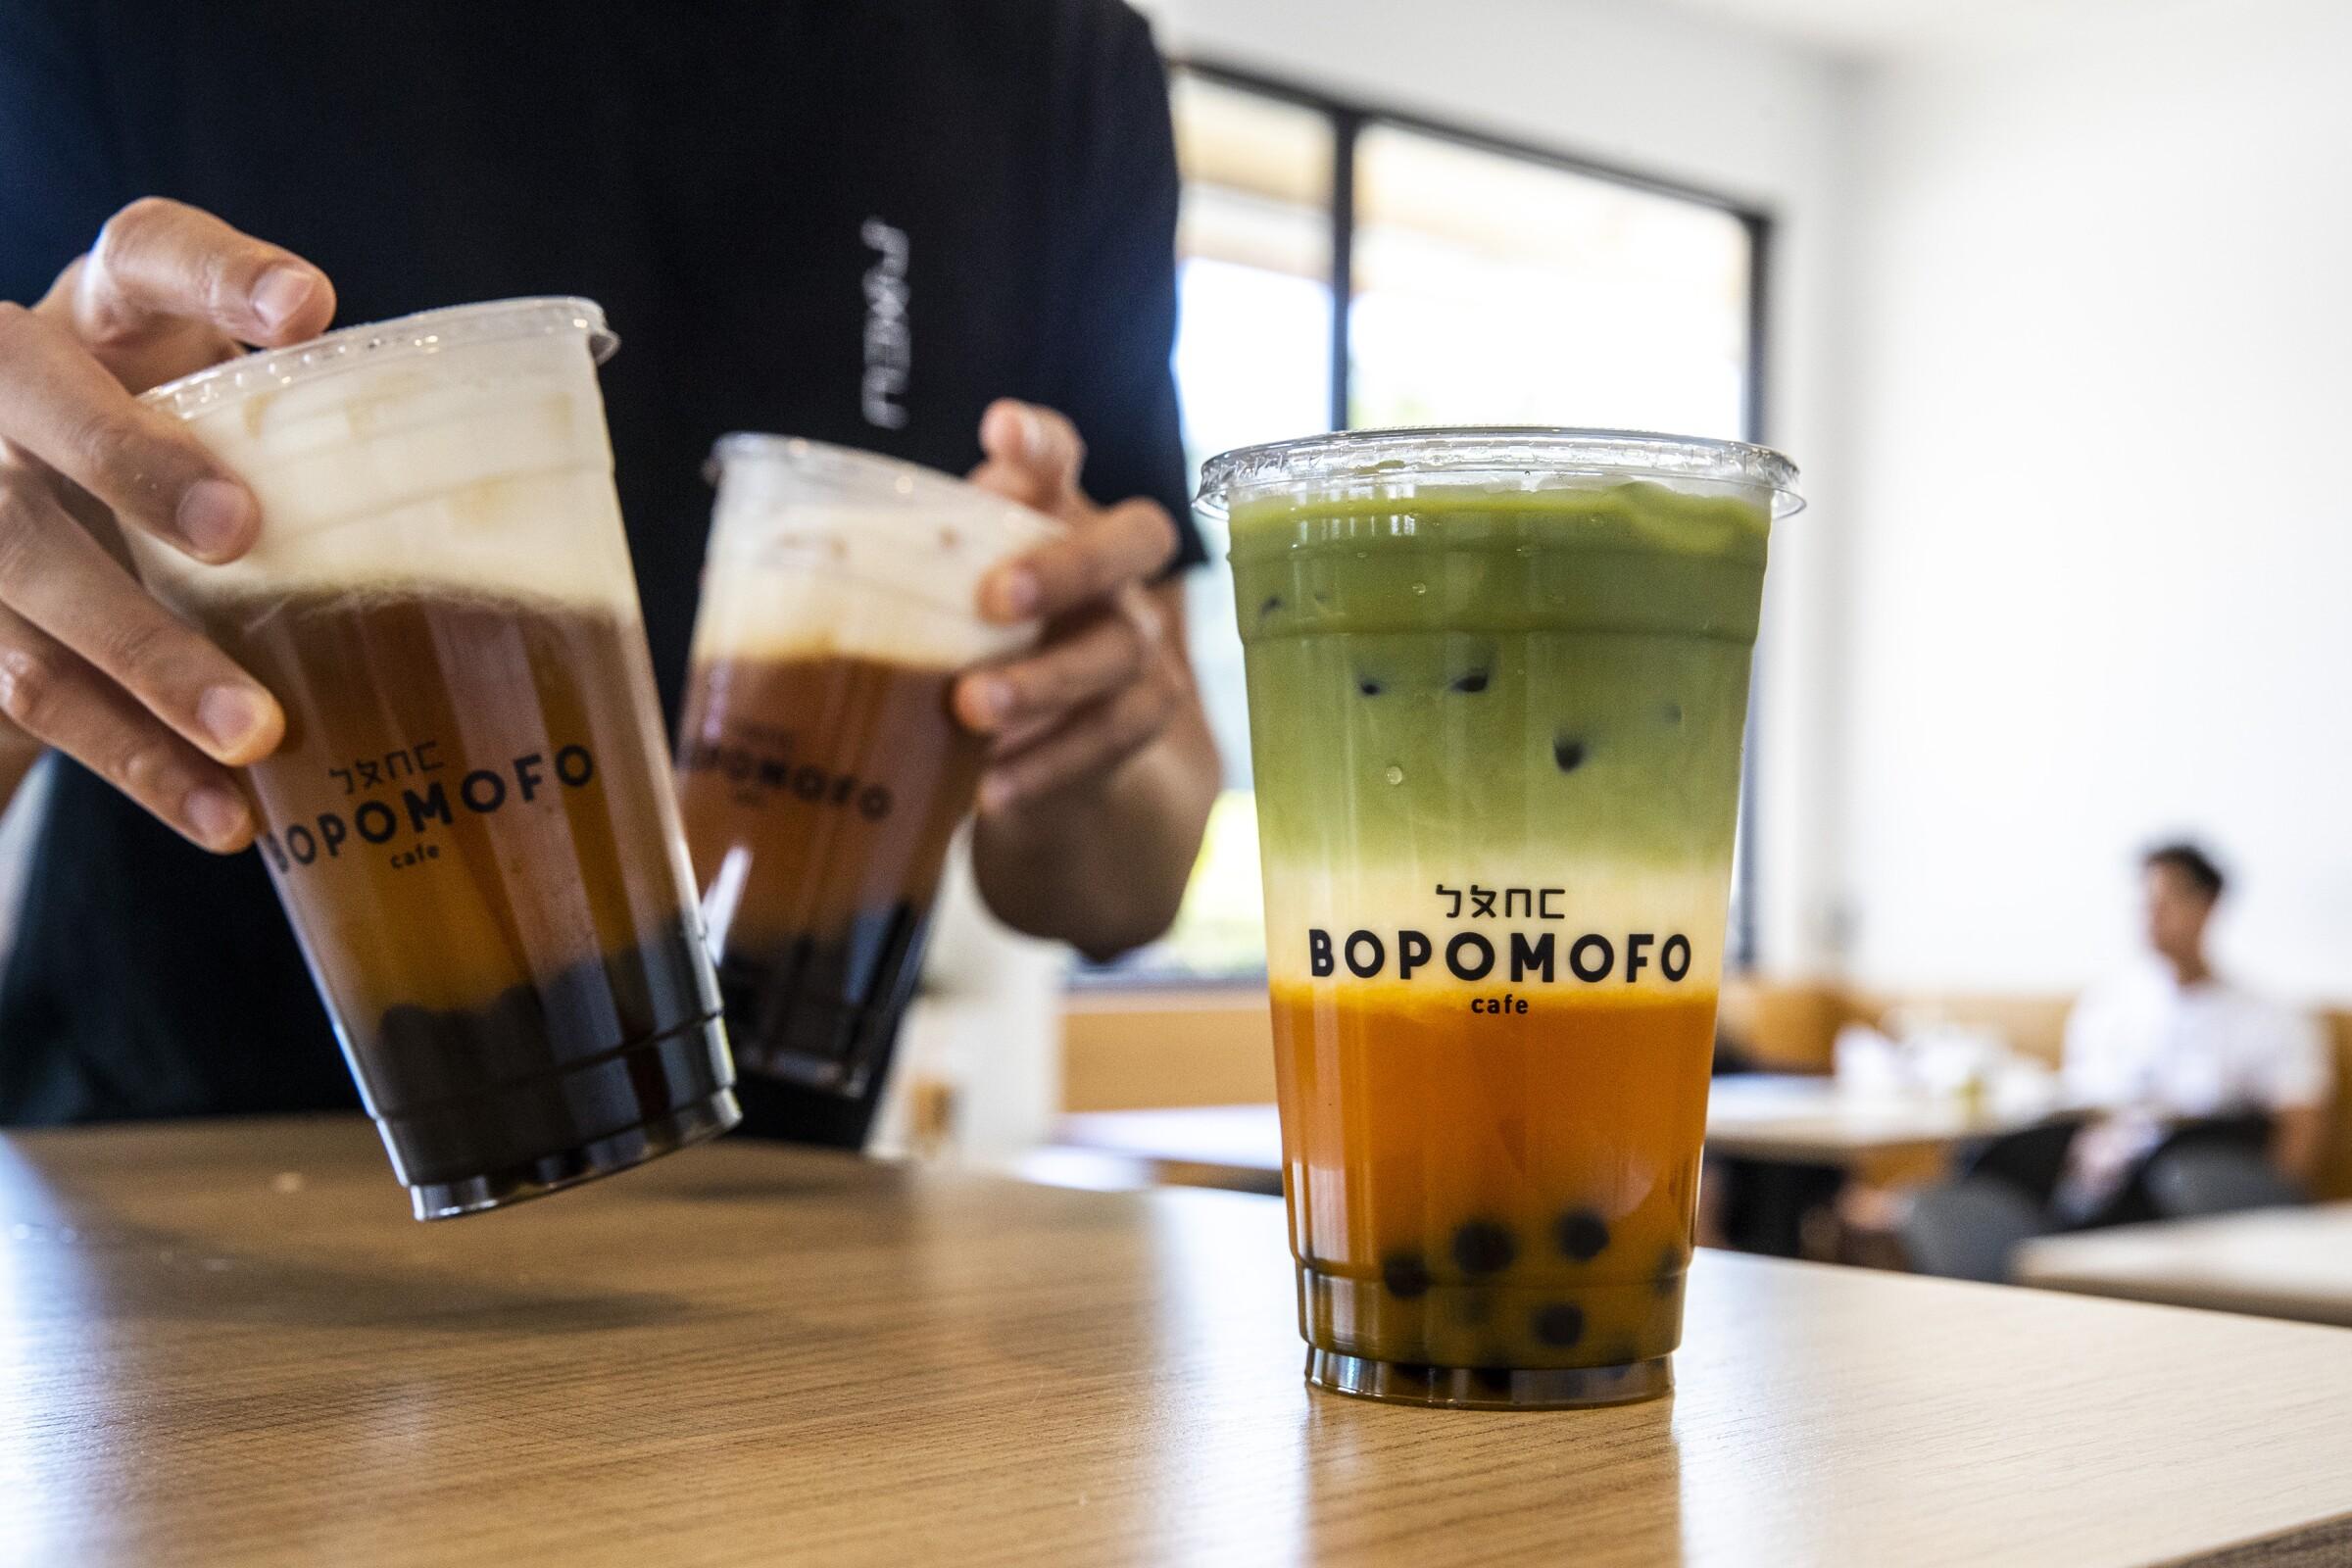 Boba drinks from Bopomofo Cafe